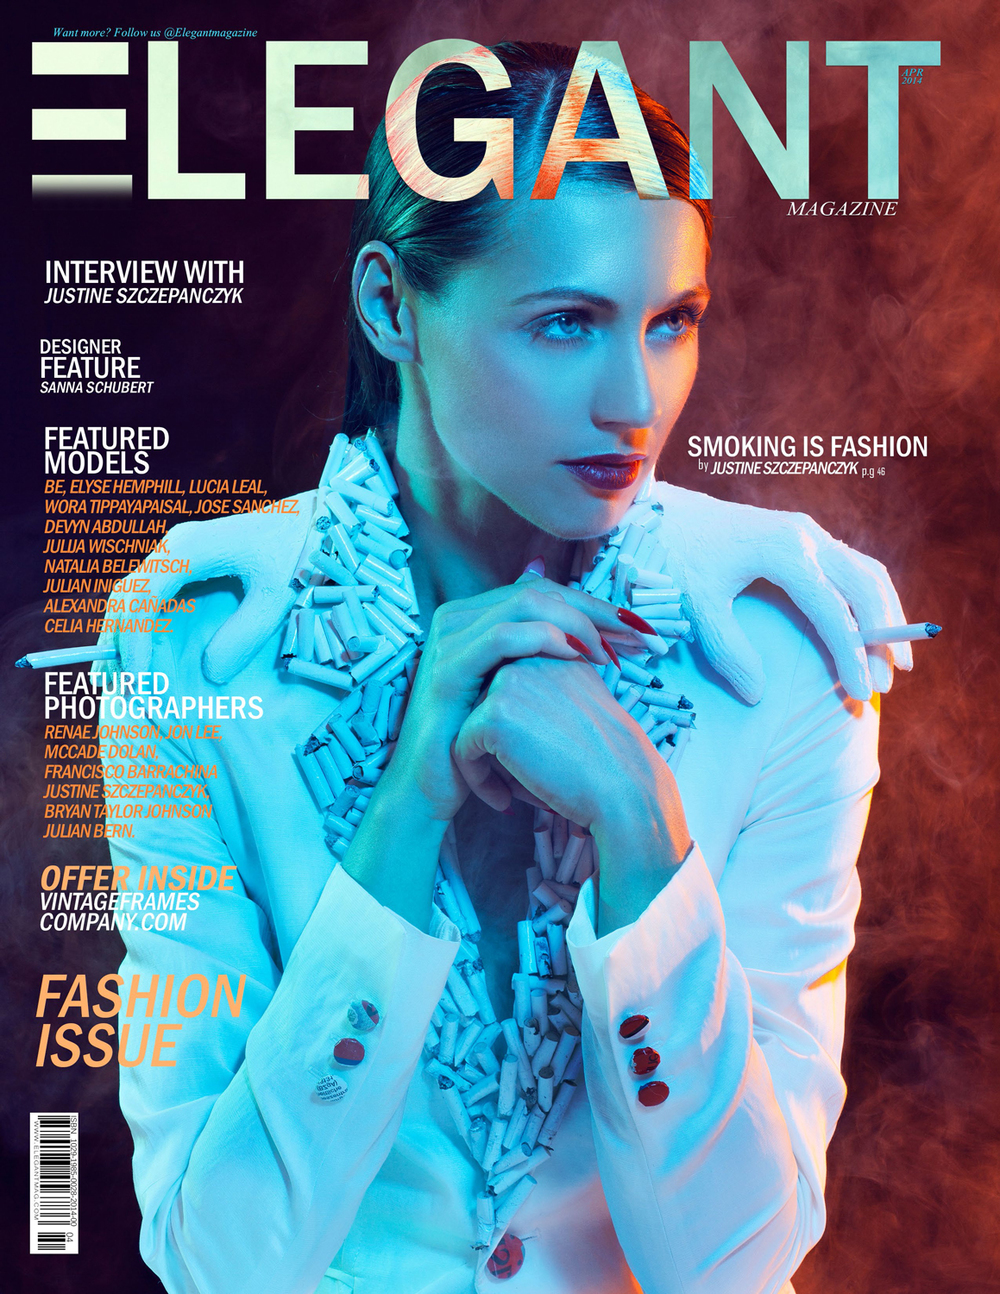 Elegant-Magazine-cover.jpg